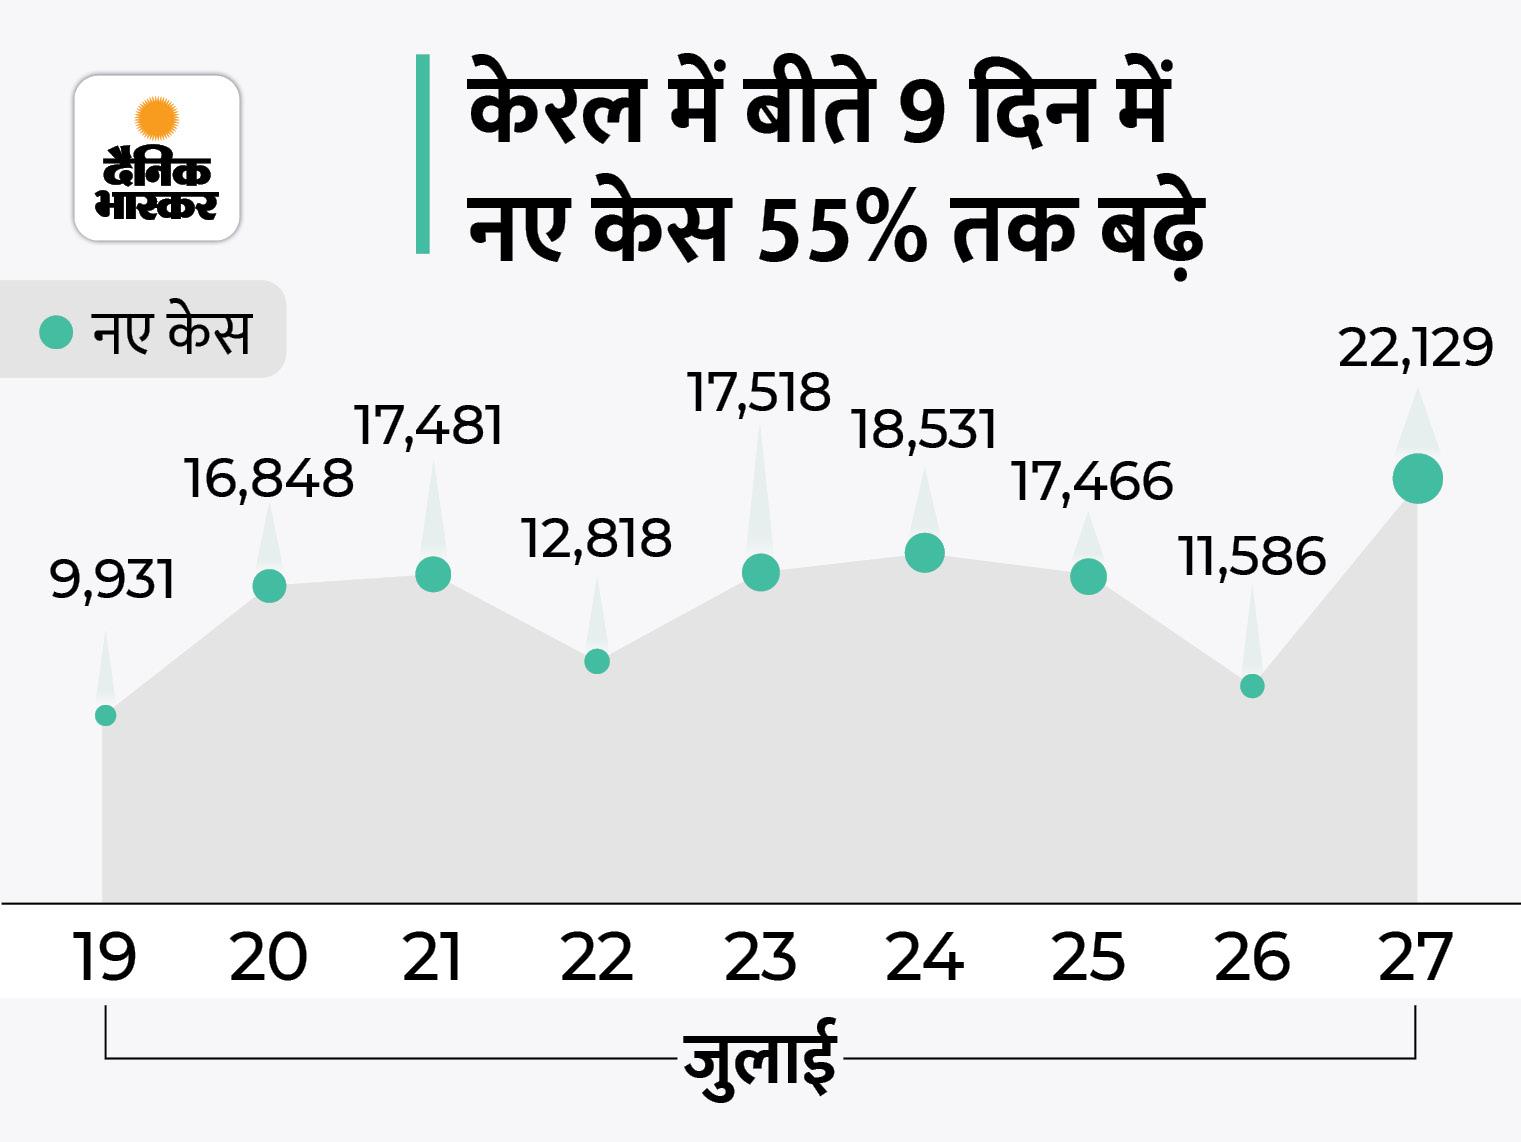 बीते दिन 42966 संक्रमित मिले, 41491 ठीक हुए और 641 की मौत; केरल में 22129 केस आए, यह पिछले 2 महीनों में सबसे ज्यादा|देश,National - Dainik Bhaskar